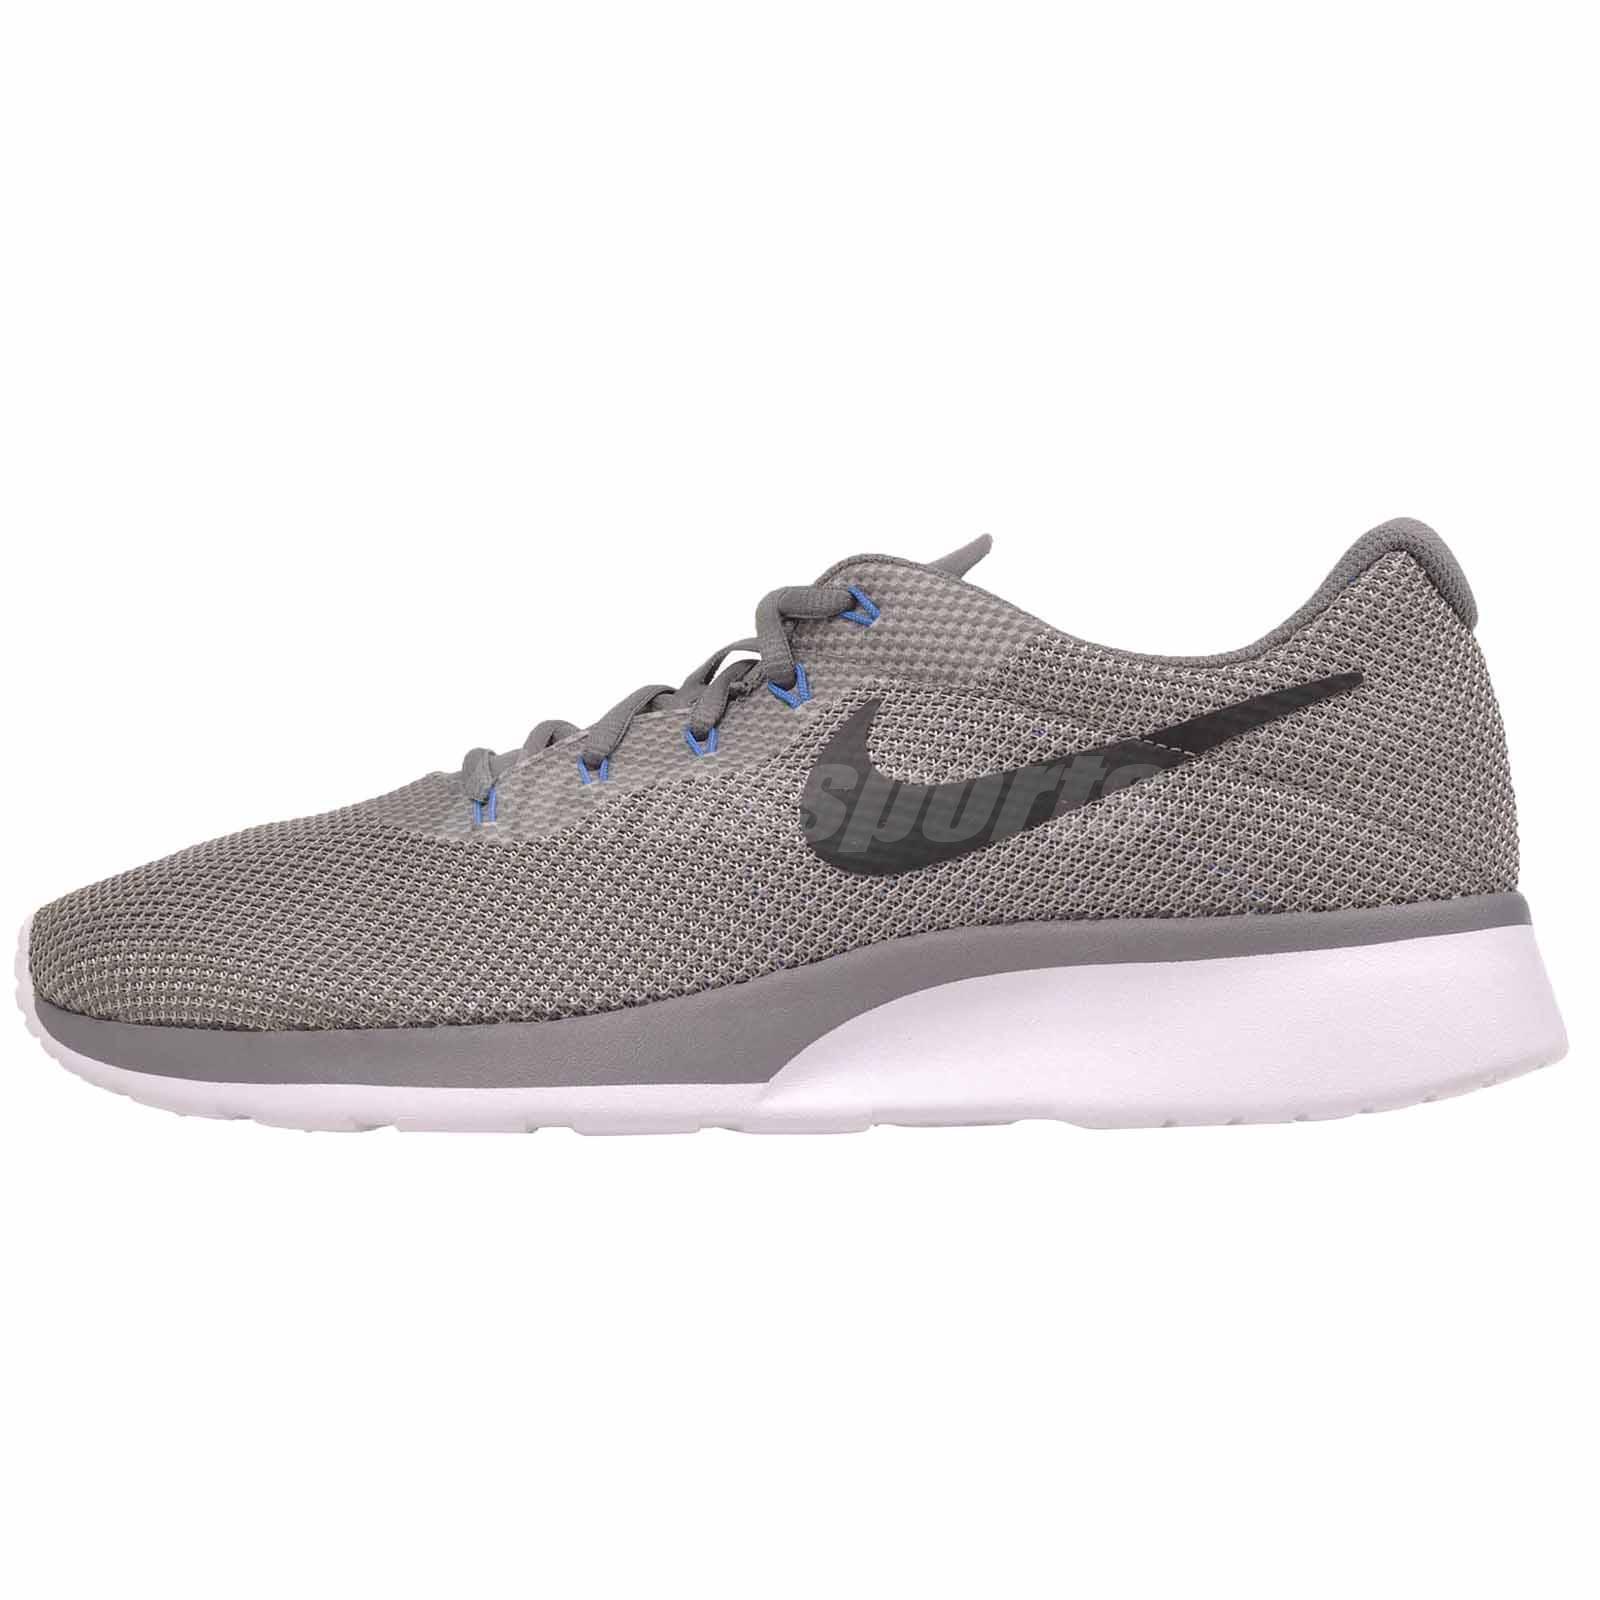 Nike Tanjun Racer Mens Running shoes Gunsmoke Grey 921669-006